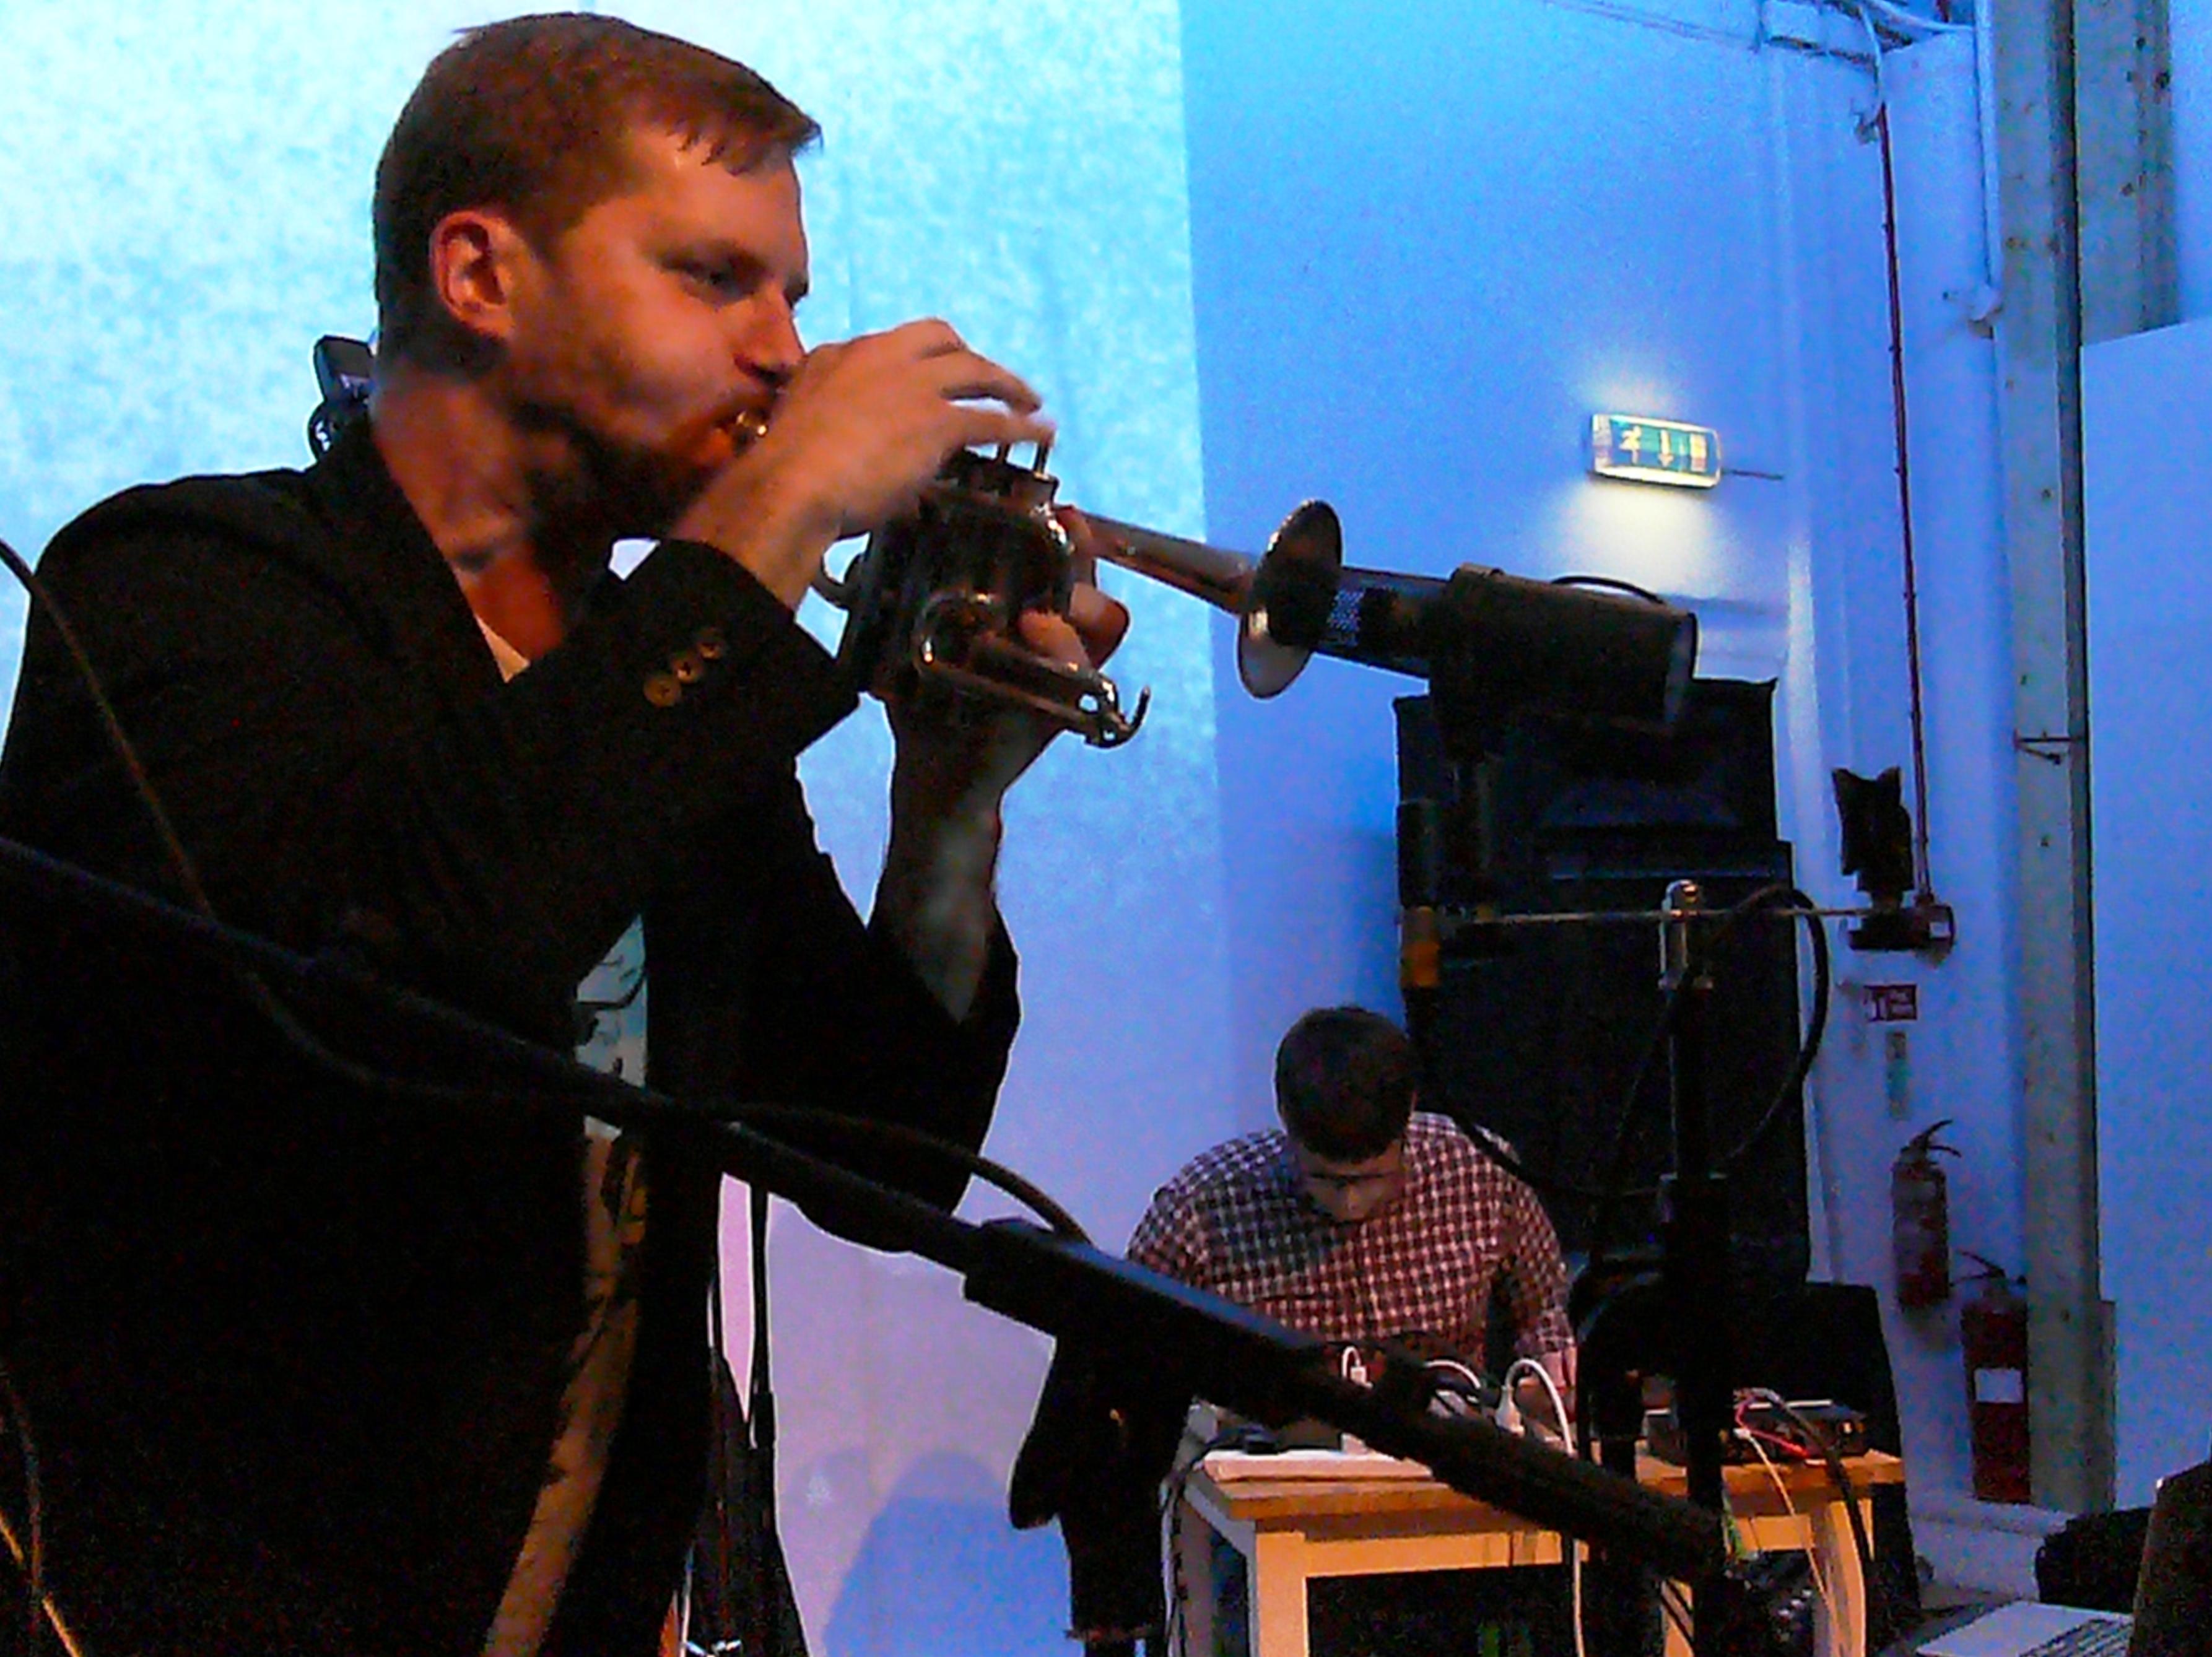 Peter Evans and Sam Pluta at Iklectik, London in November 2016